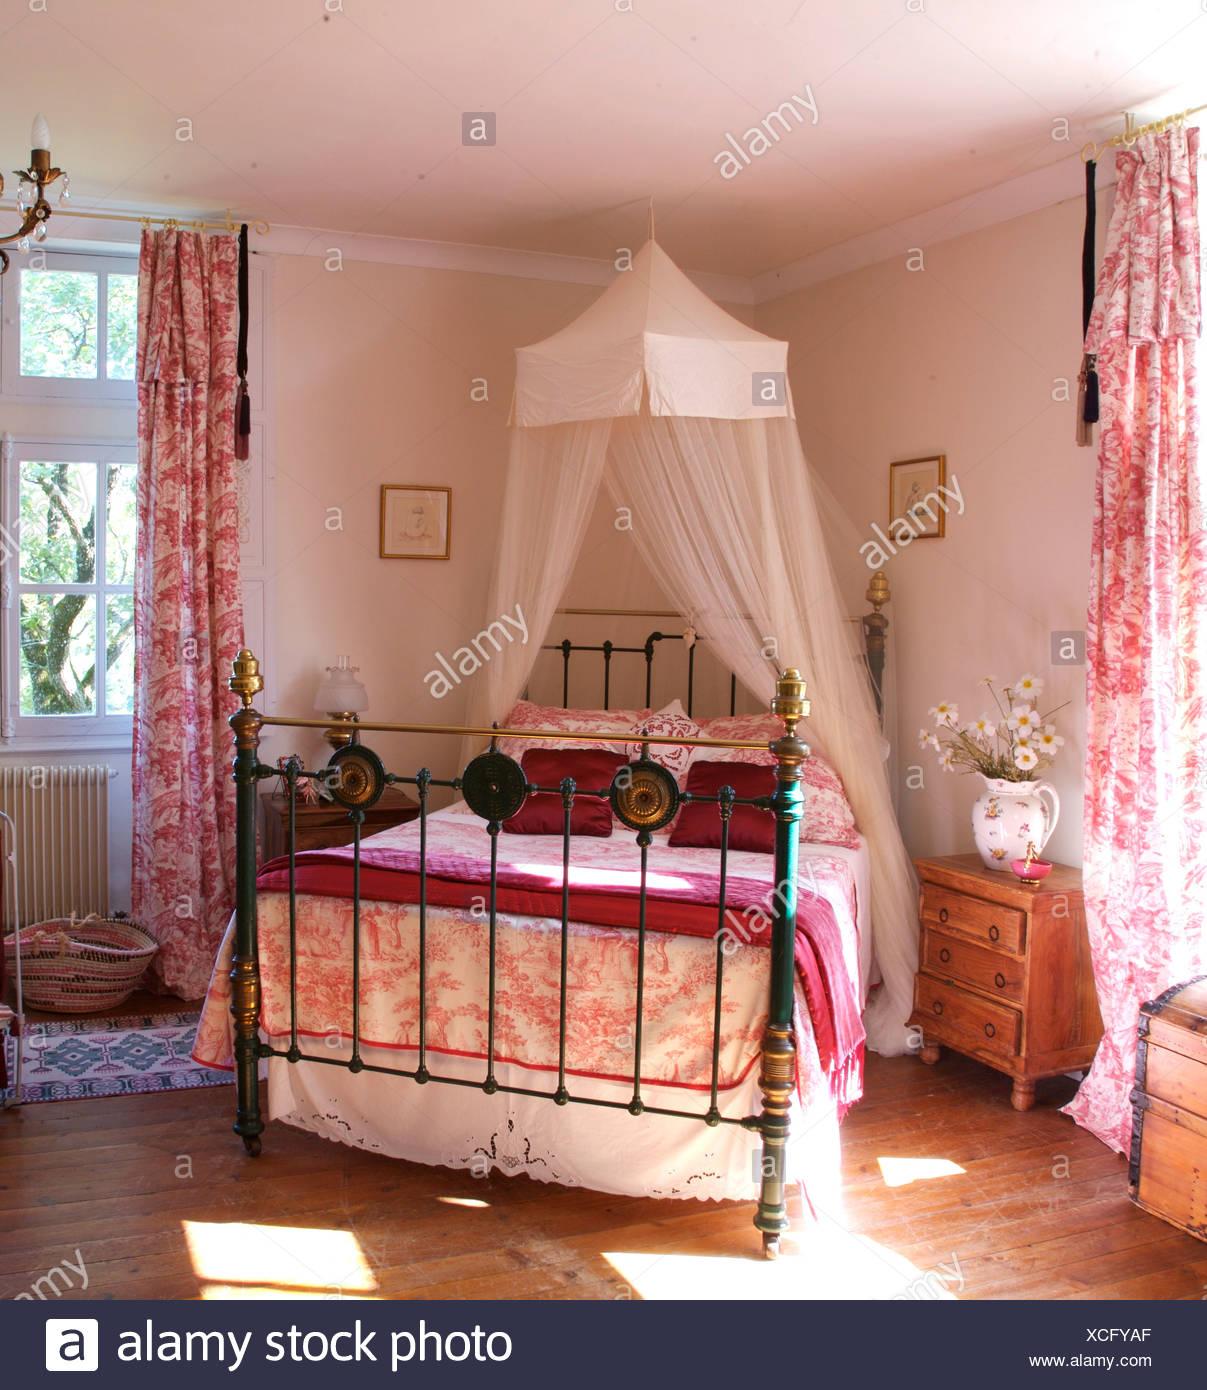 Toile De Jouy Curtains Stockfotos & Toile De Jouy Curtains Bilder ...